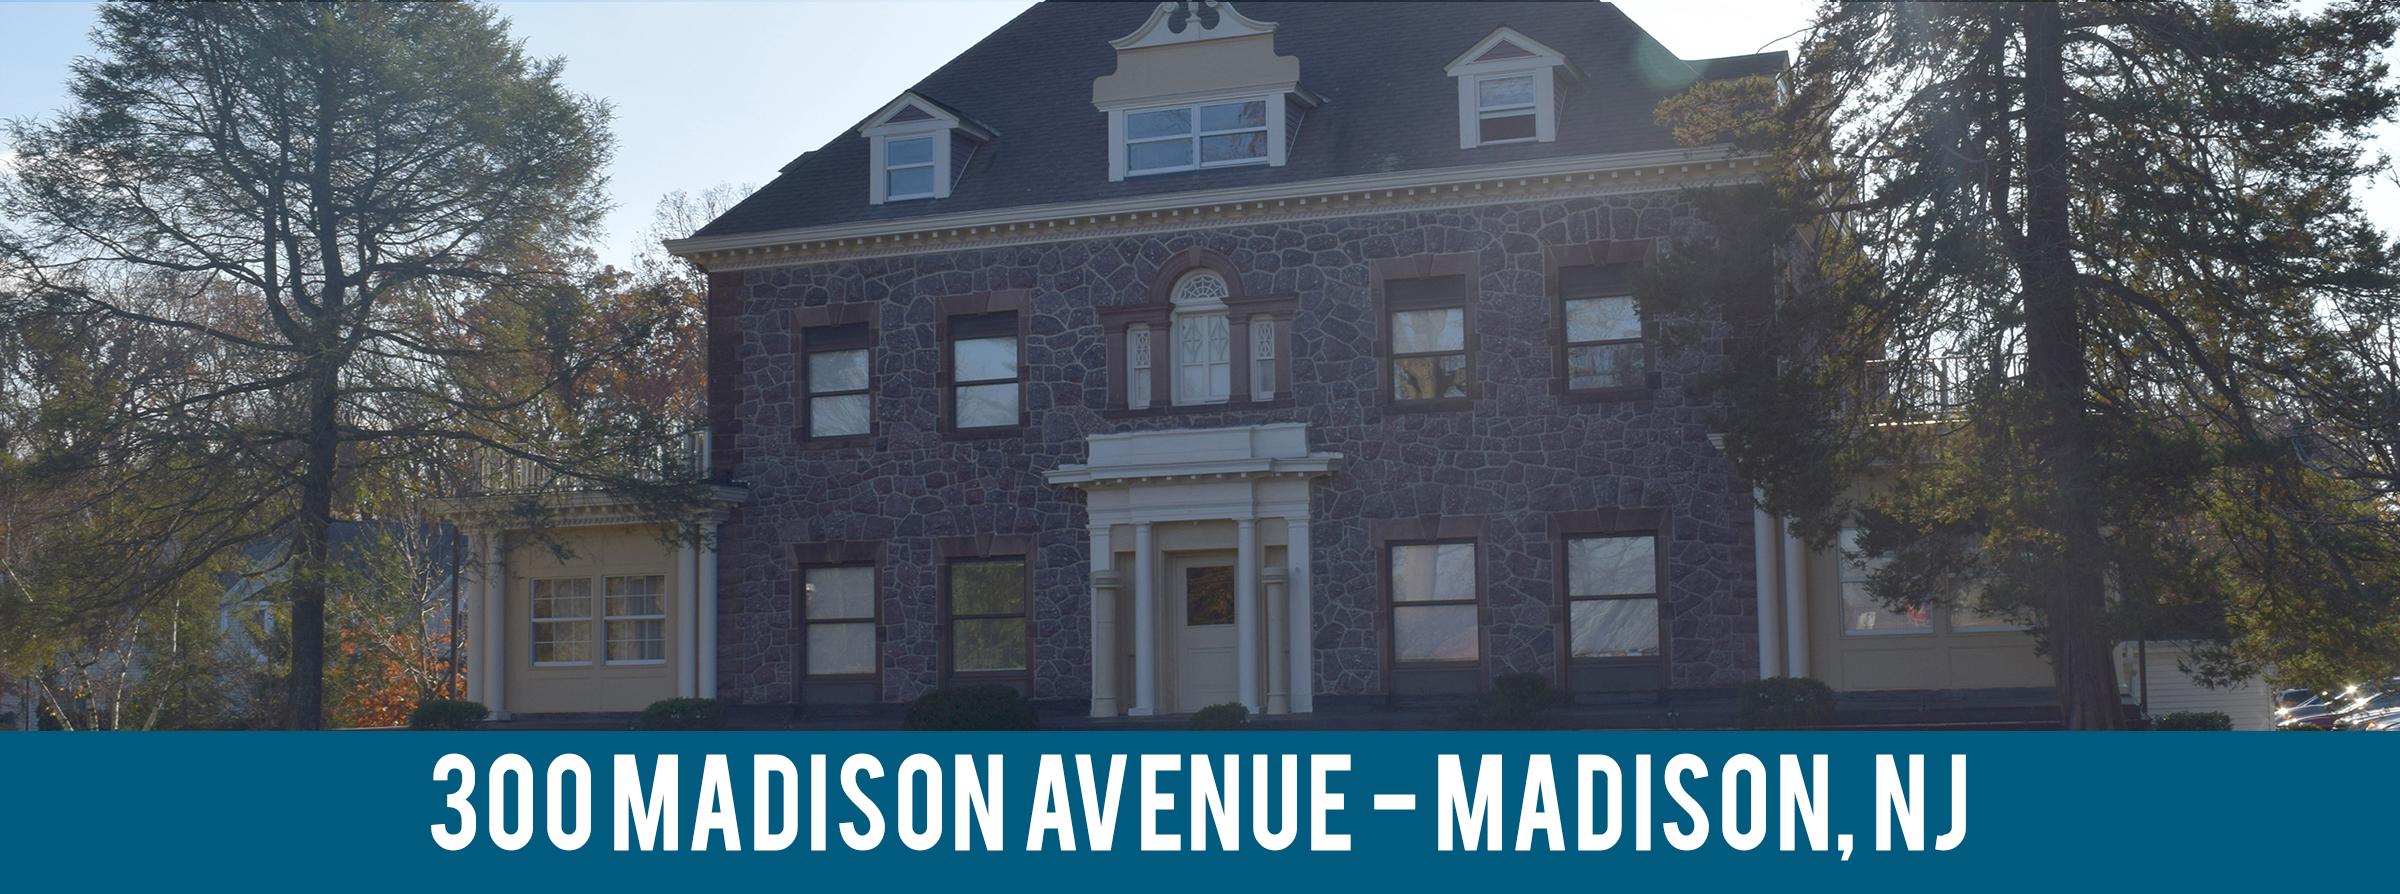 300 Madison Avenue - Madison, NJ